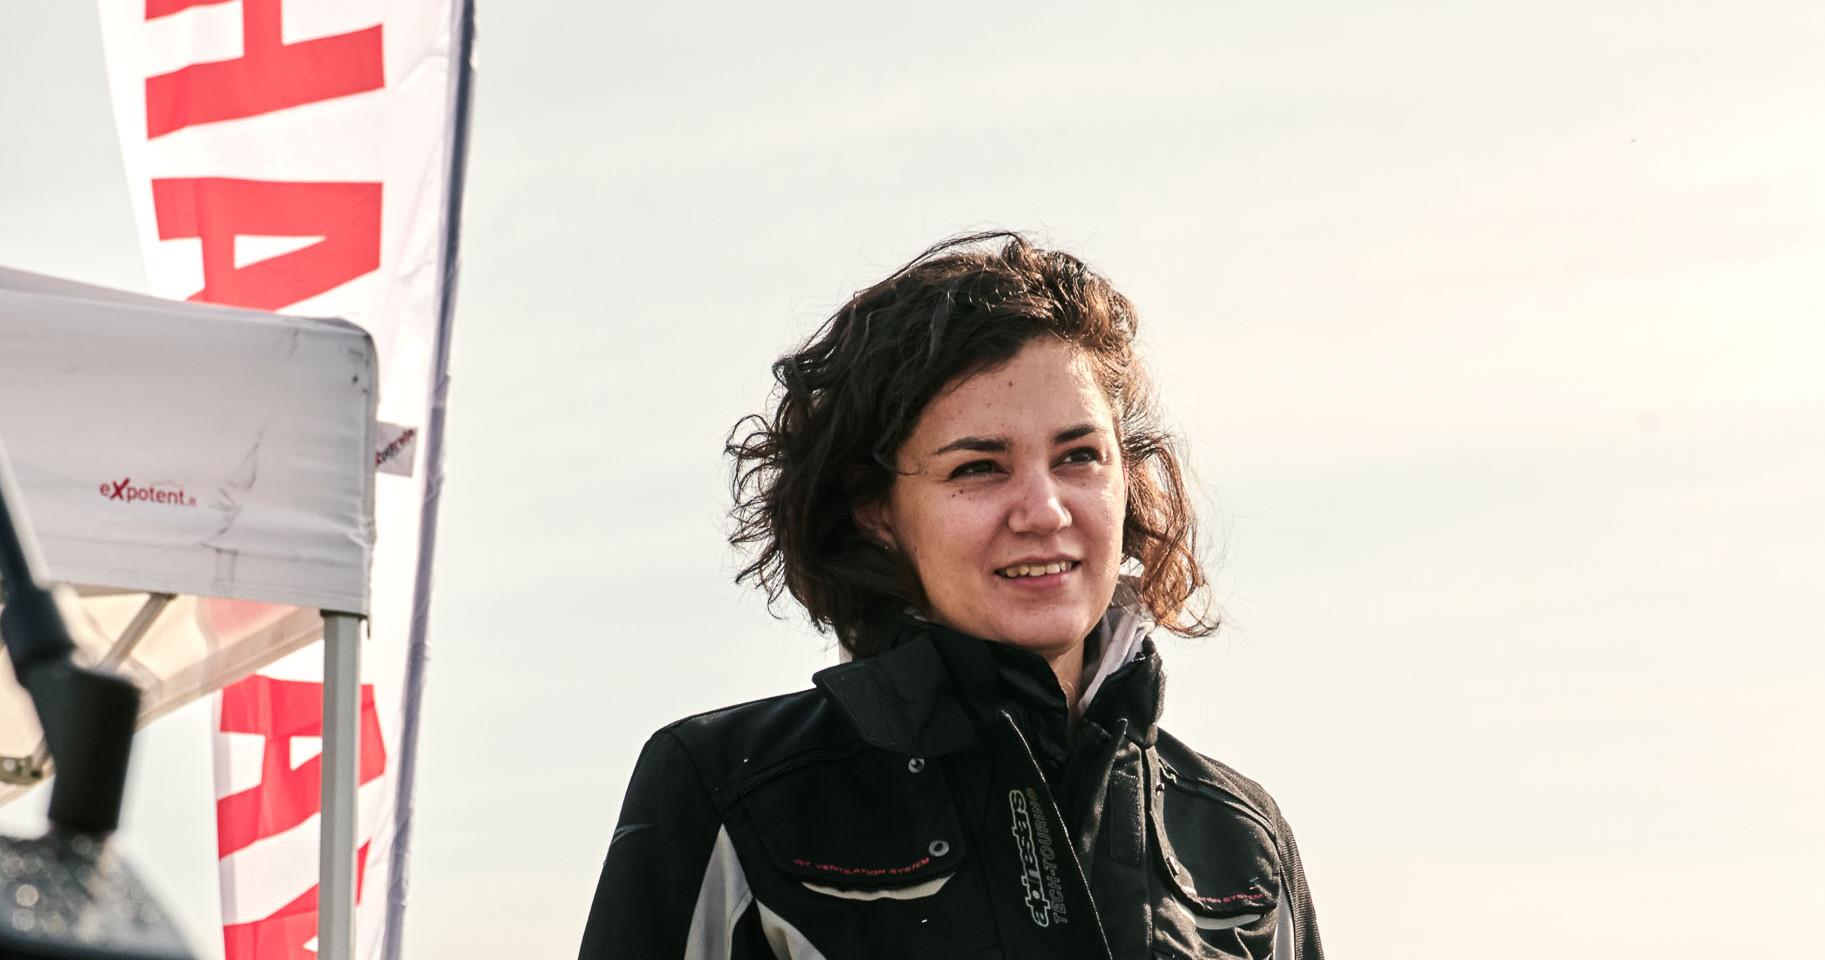 WMB Chiara Ludovica Quadrelli-16.jpg